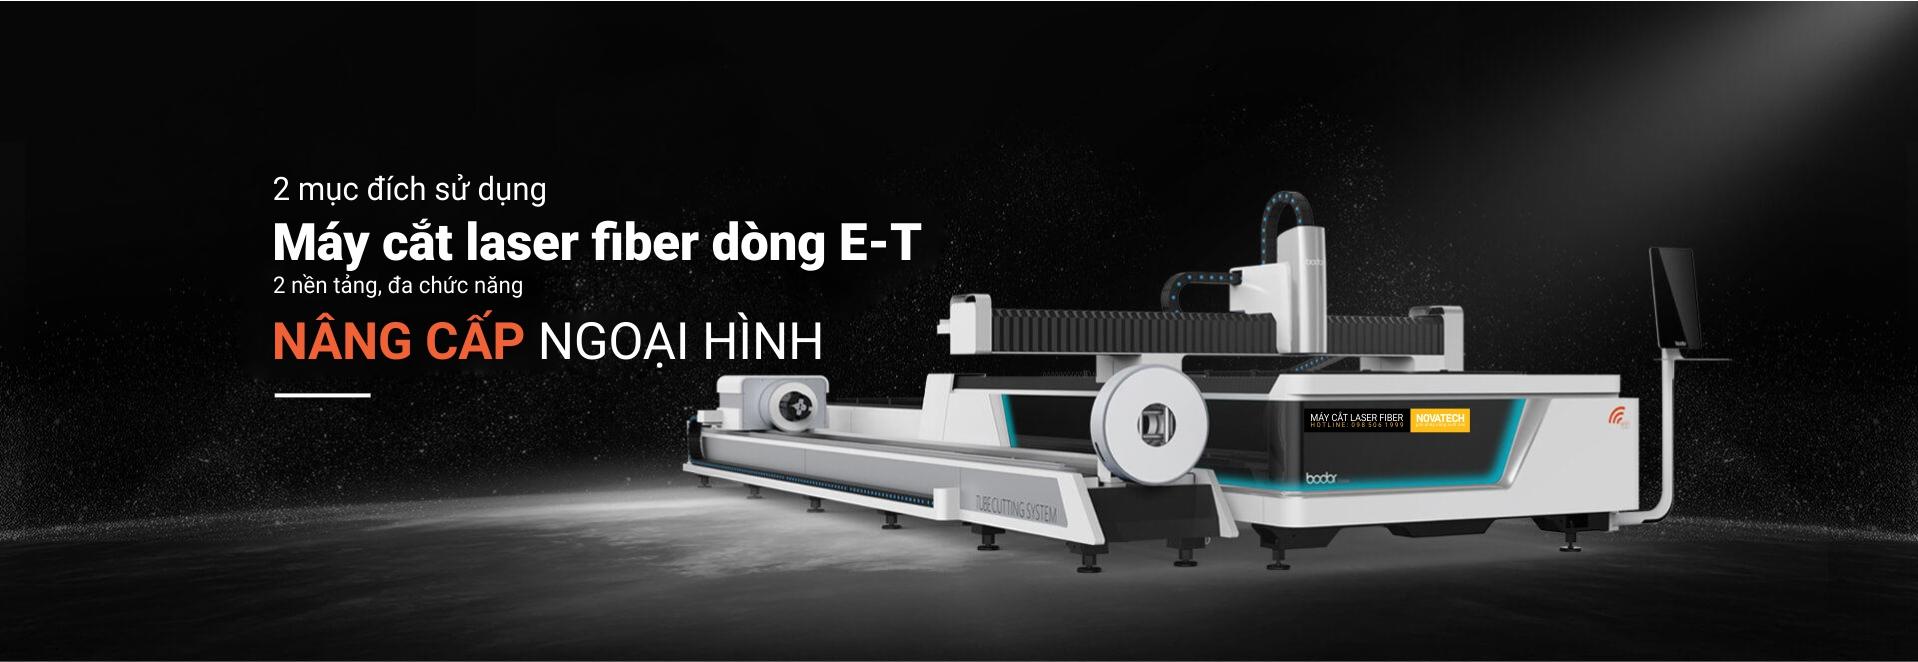 Máy cắt laser fiber BODOR dòng E-T